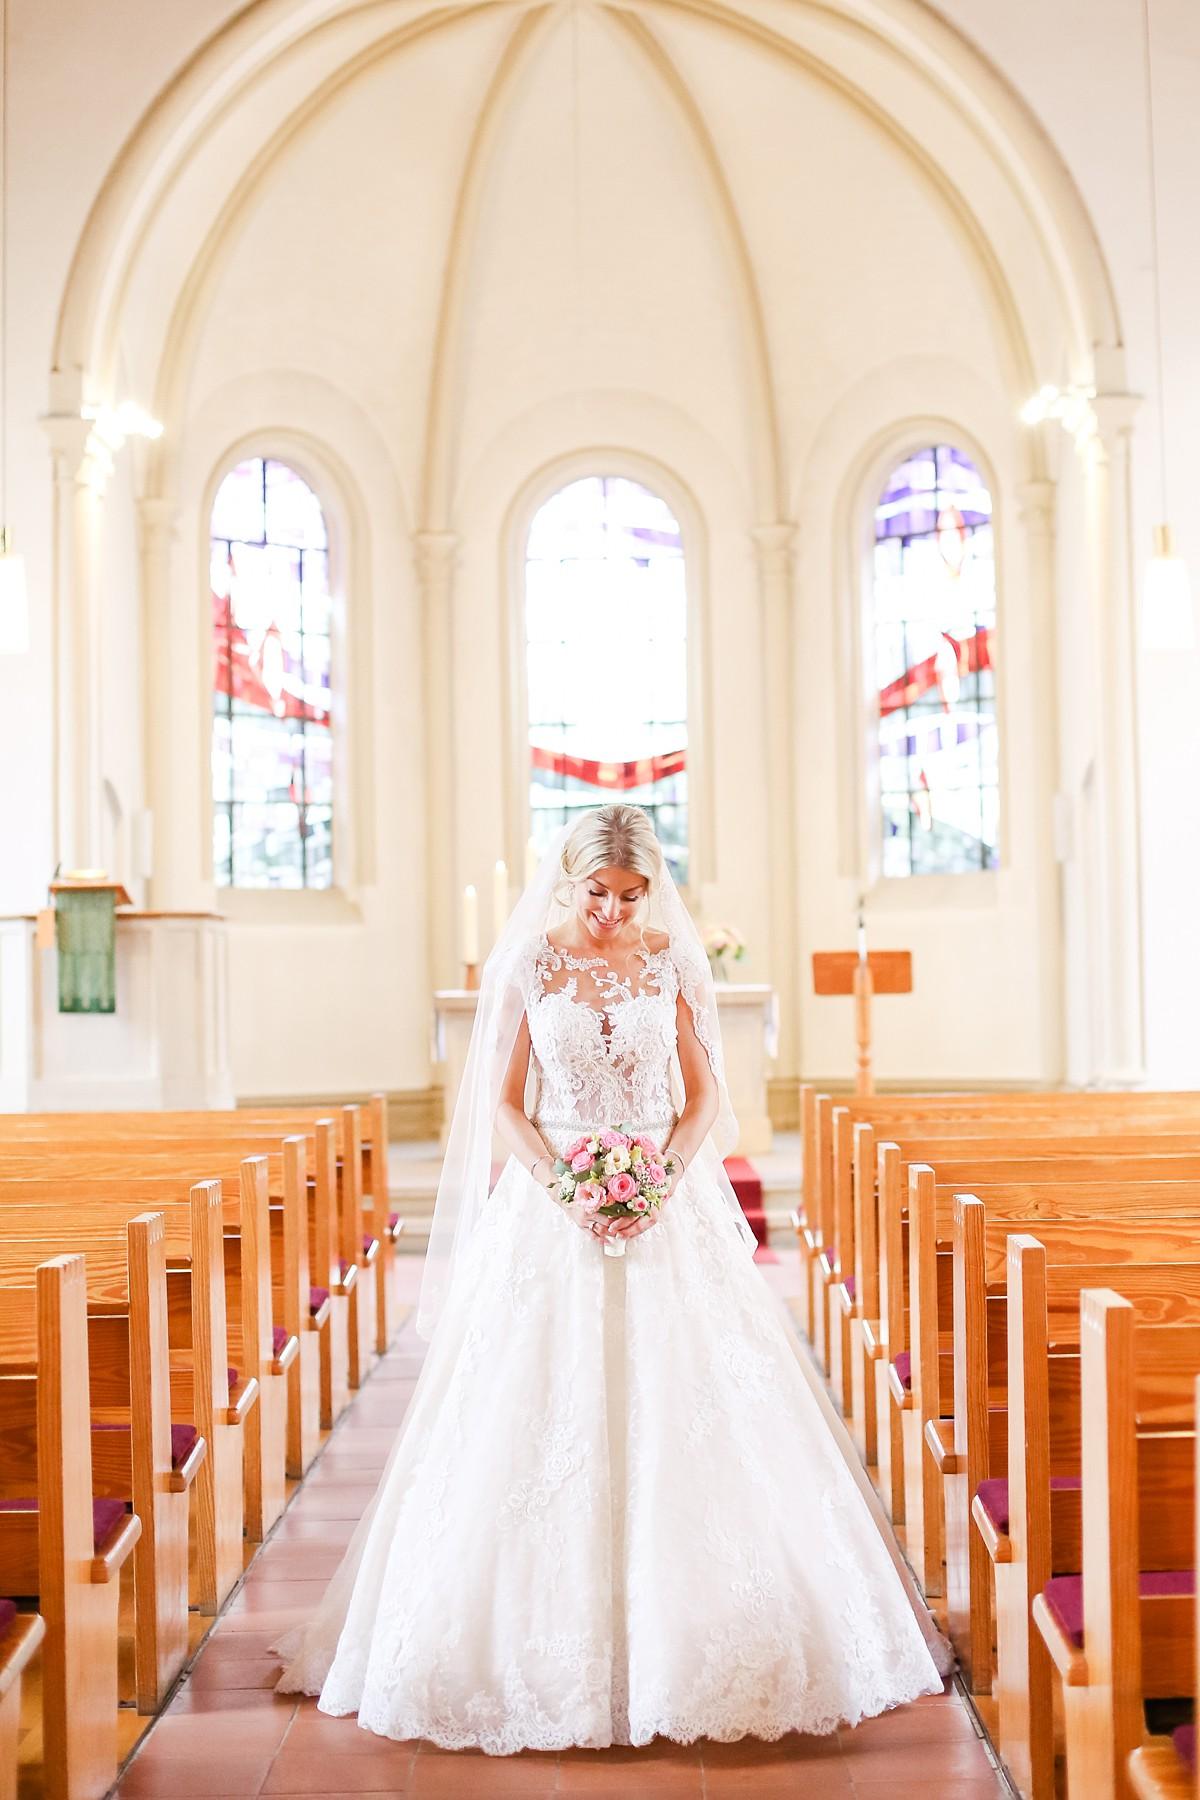 Hochzeitsfotograf-Herford-van-Laer-Fotograf-Hochzeit-Nrw_0062